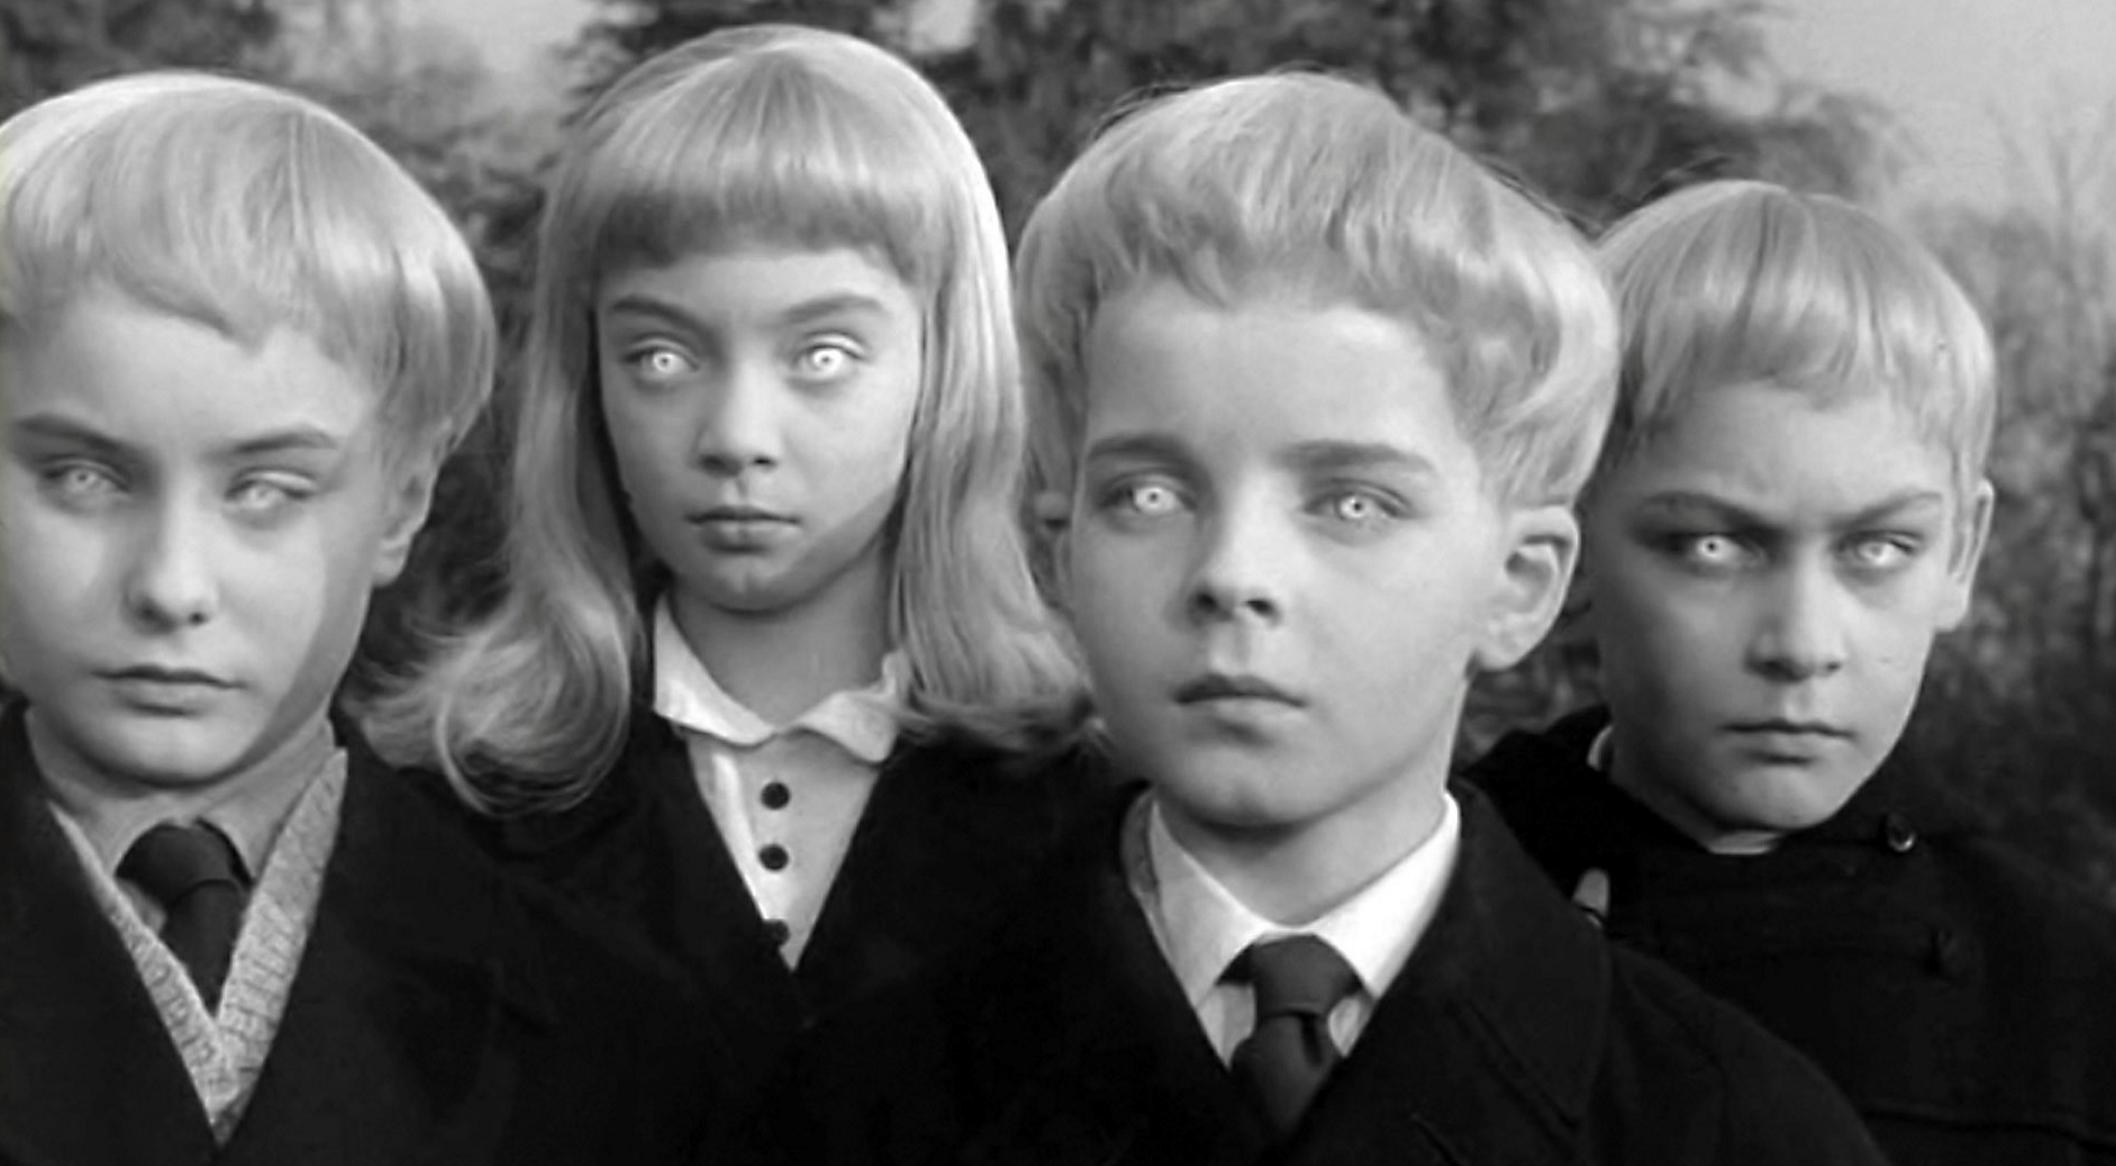 Ανατριχιαστικό!Τα πιο παράξενα πράγματα που έχουν πει παιδιά στους γονείς τους (vid)